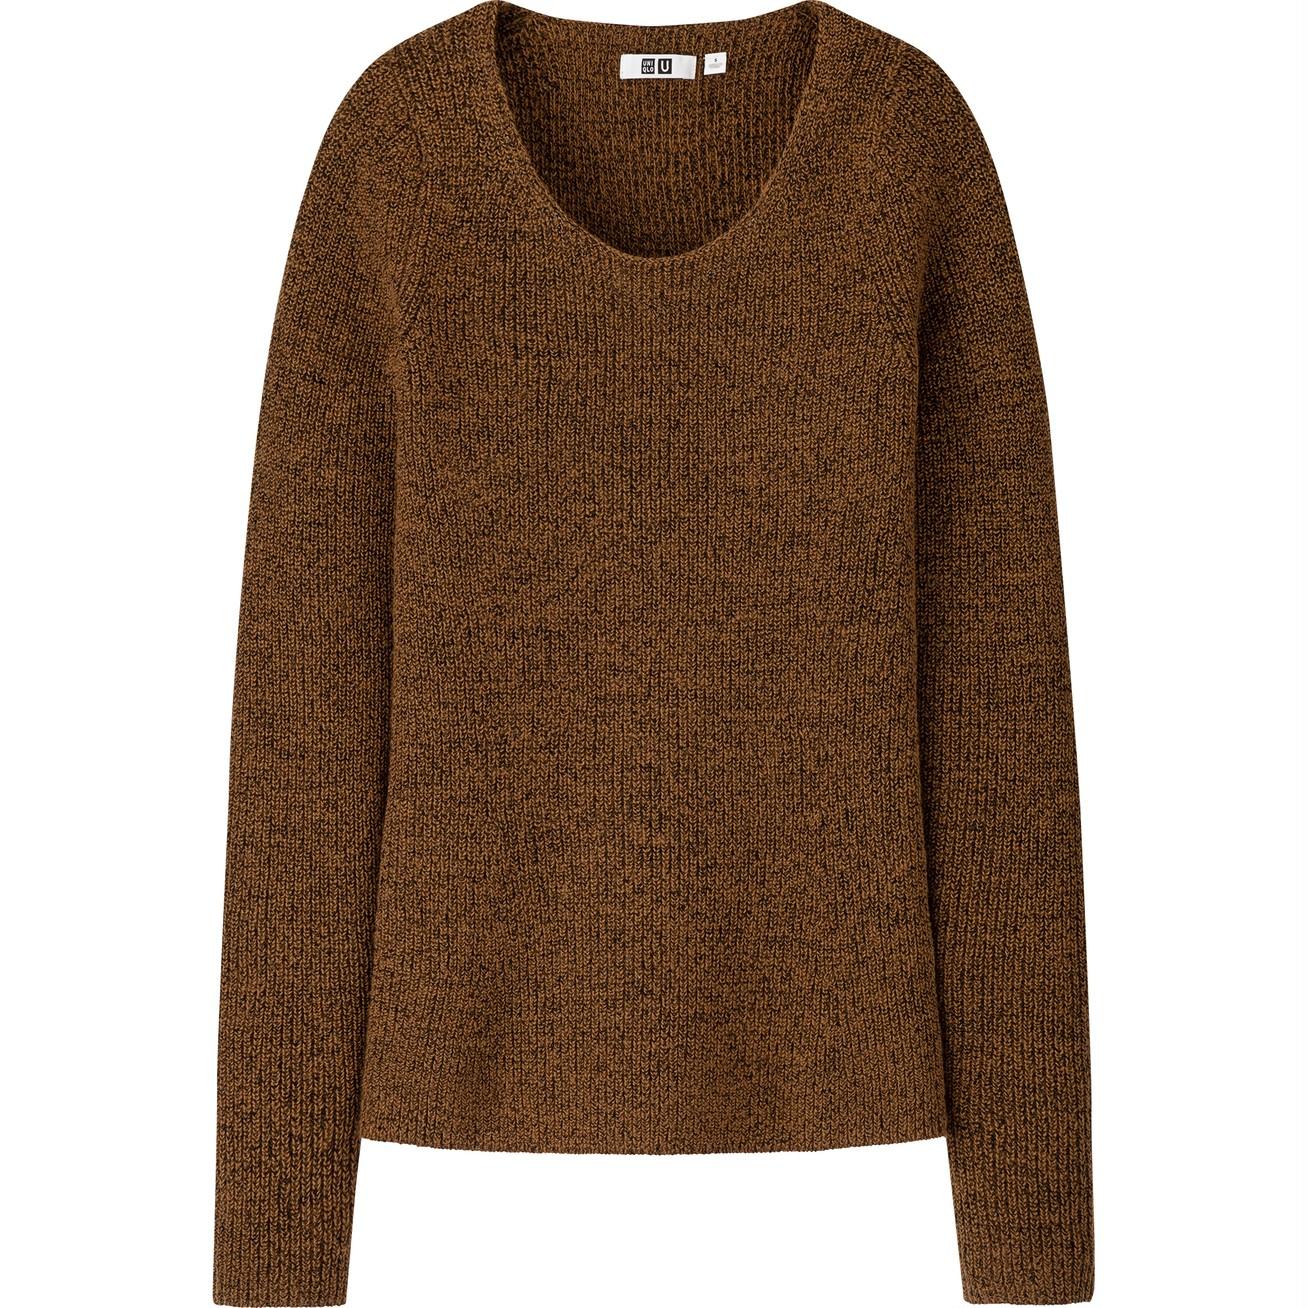 メランジラウンドネックセーター(長袖)¥3990/ユニクロ(ユニクロ ユー)